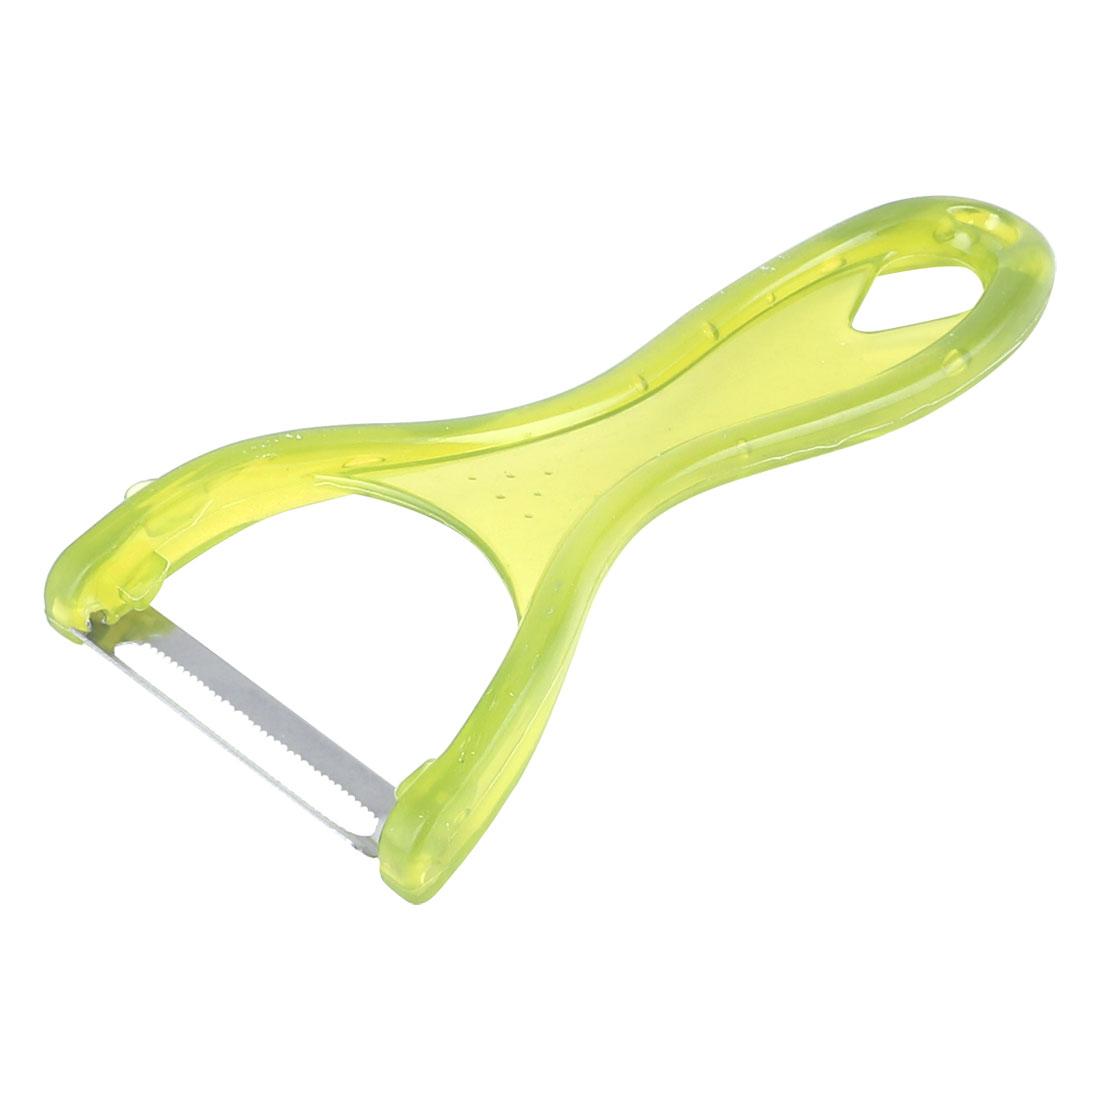 Plastic Handgrip Fruits Vegetables Slicer Peeler Parer Julienne Green